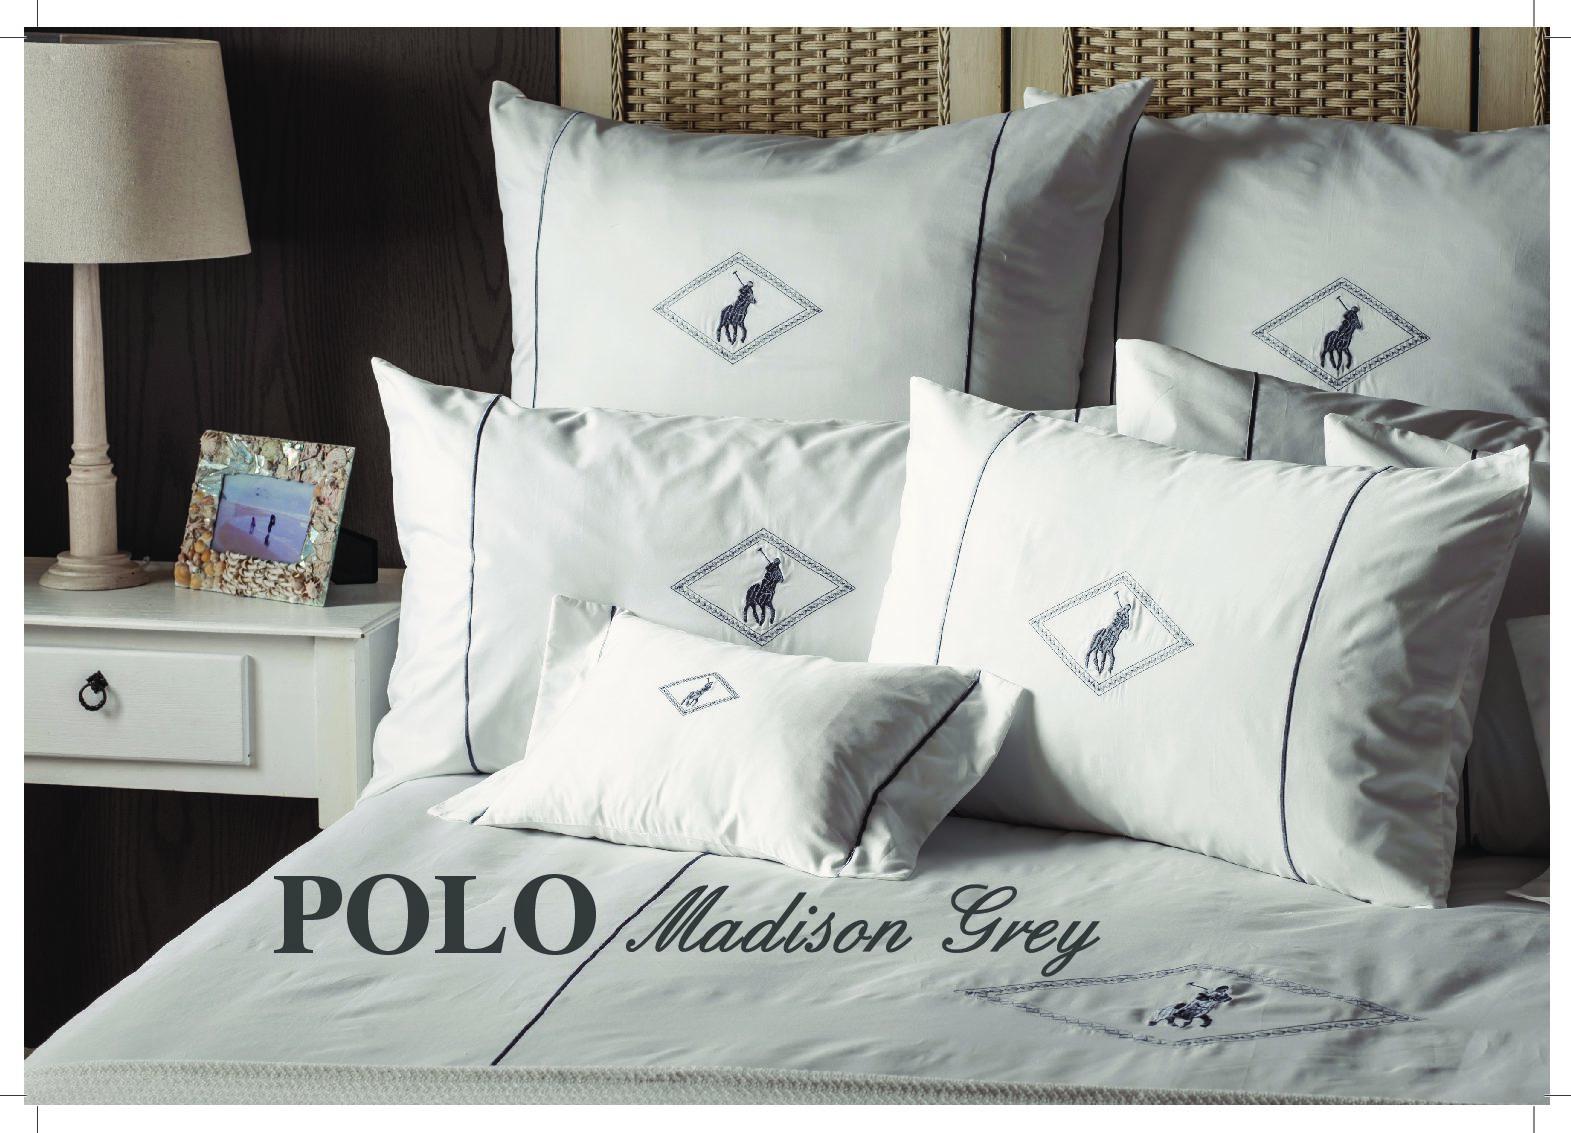 Polo Linen Lifestyle